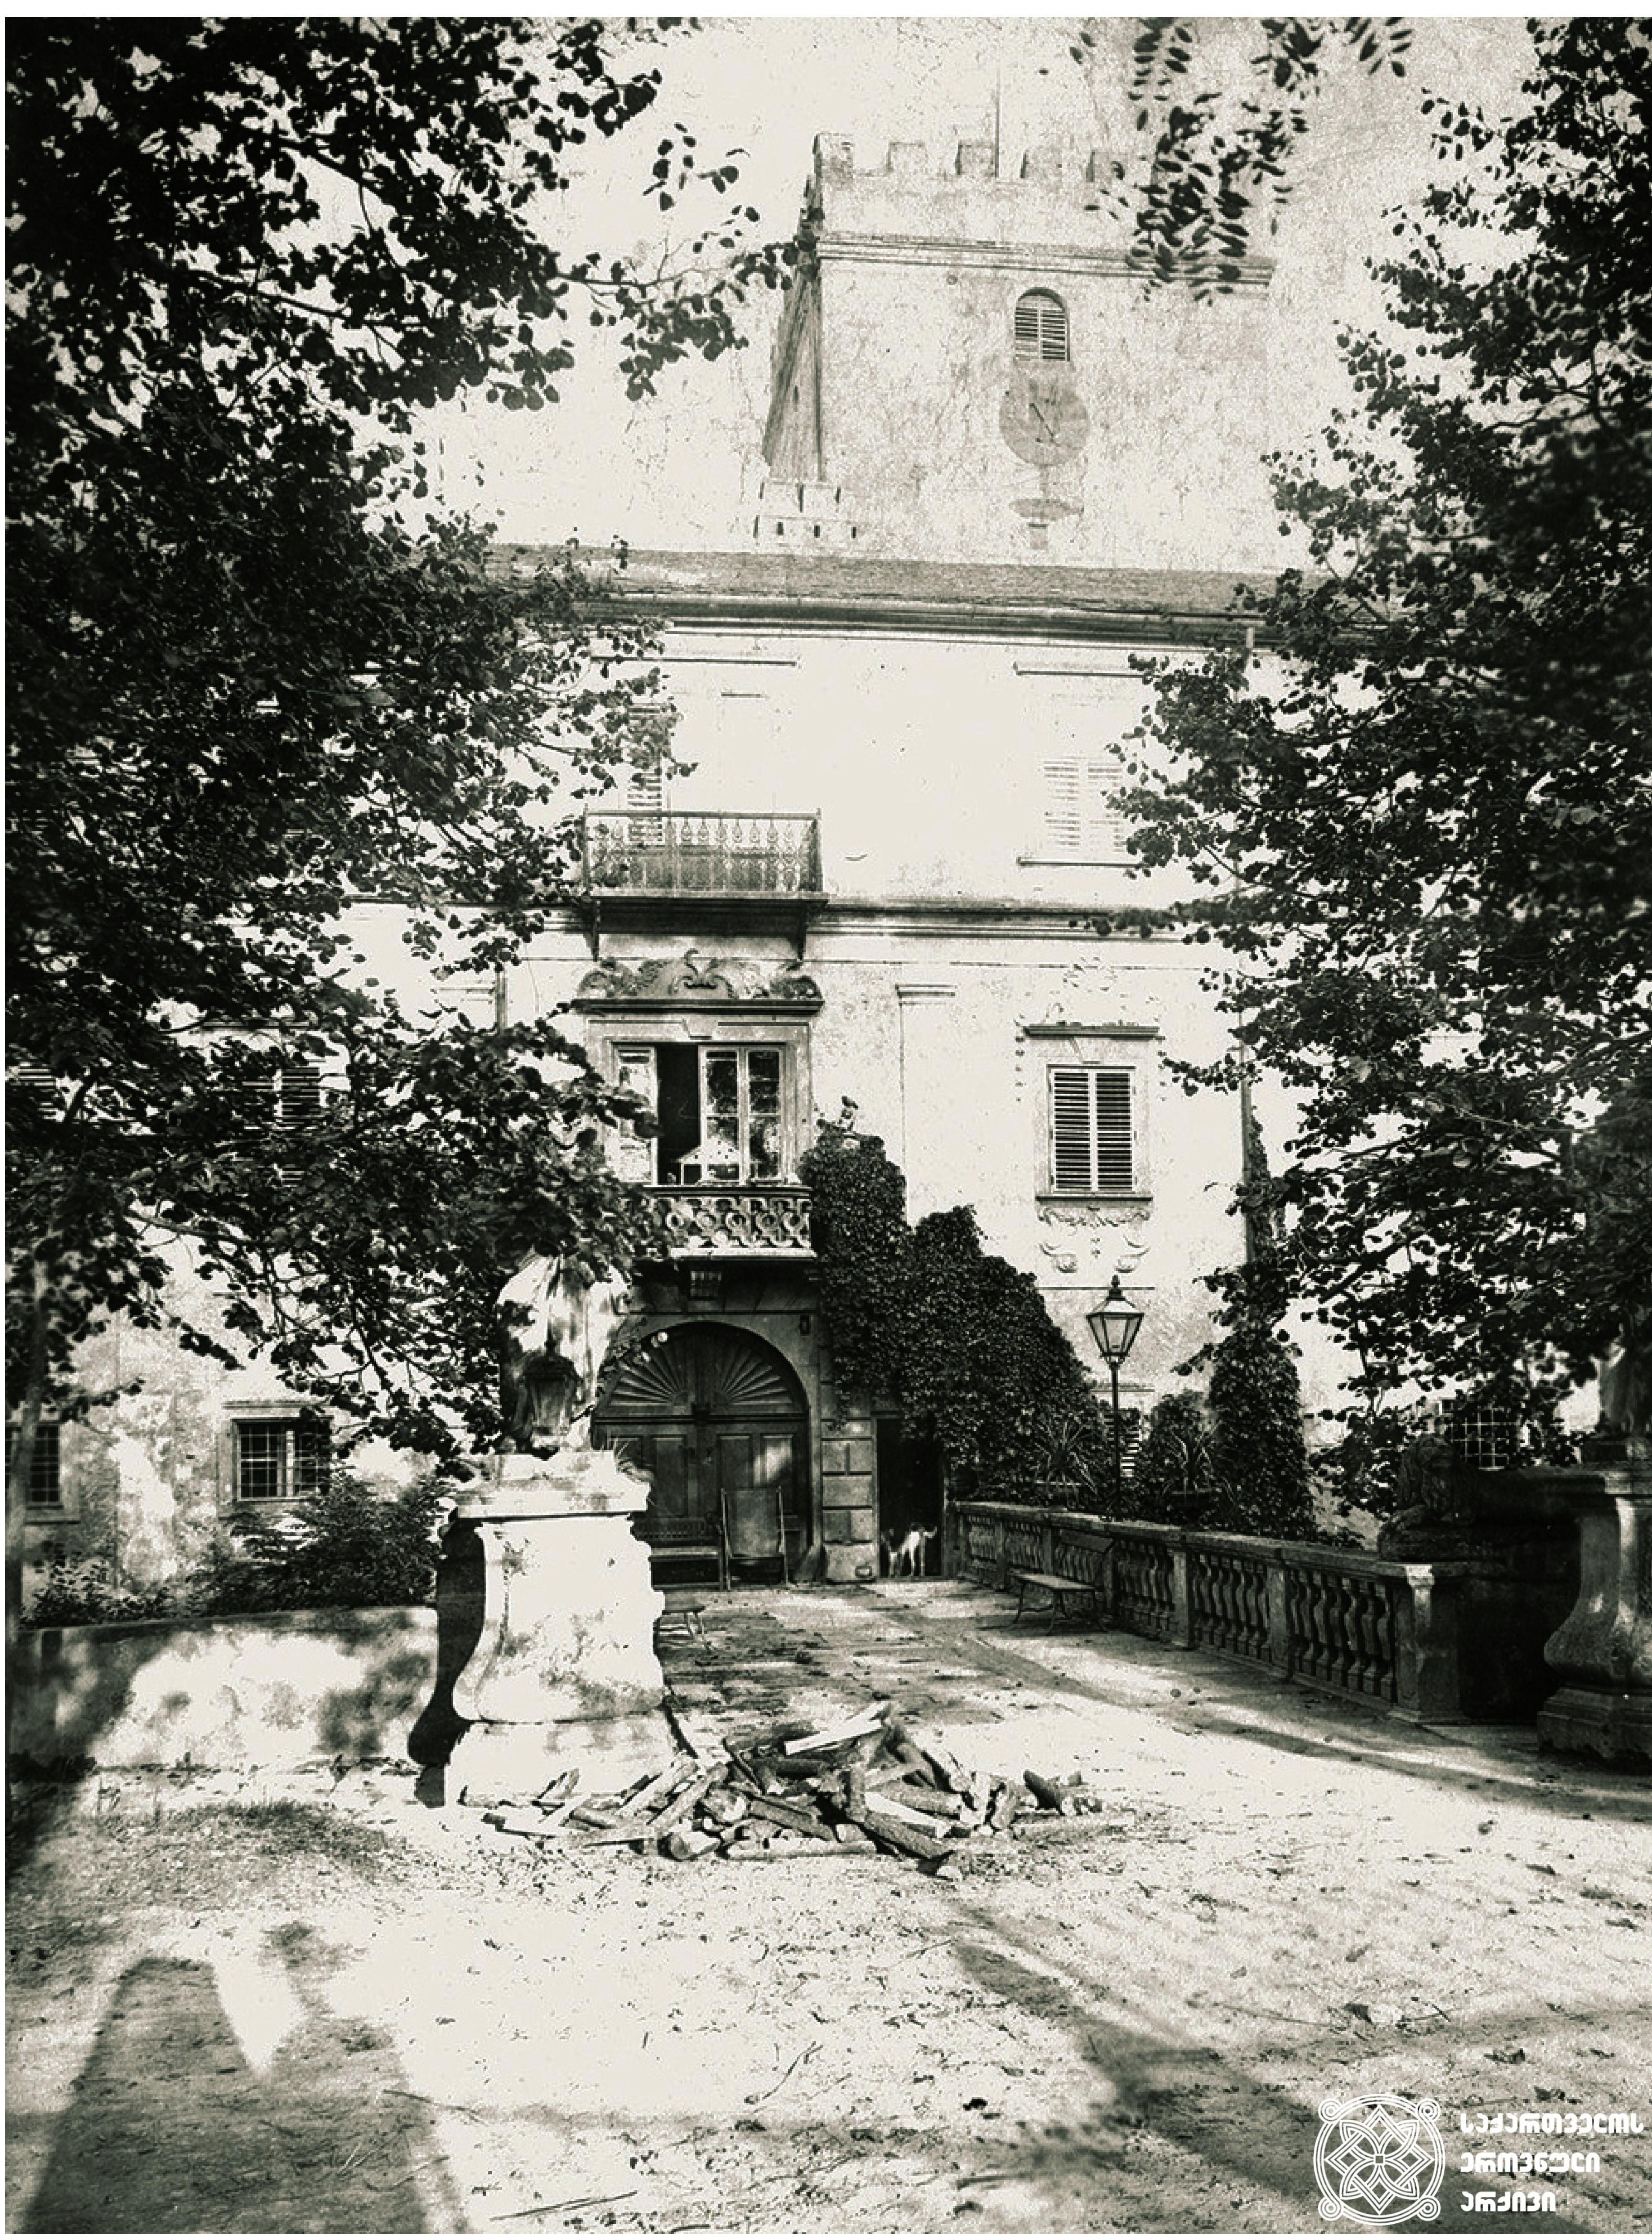 ჰარმანსდორფის სასახლე. <br> გეორგ ჰამანის კოლექციიდან. <br> Schloss Harmannsdorf. <br> From the collection of Georg Hamann.